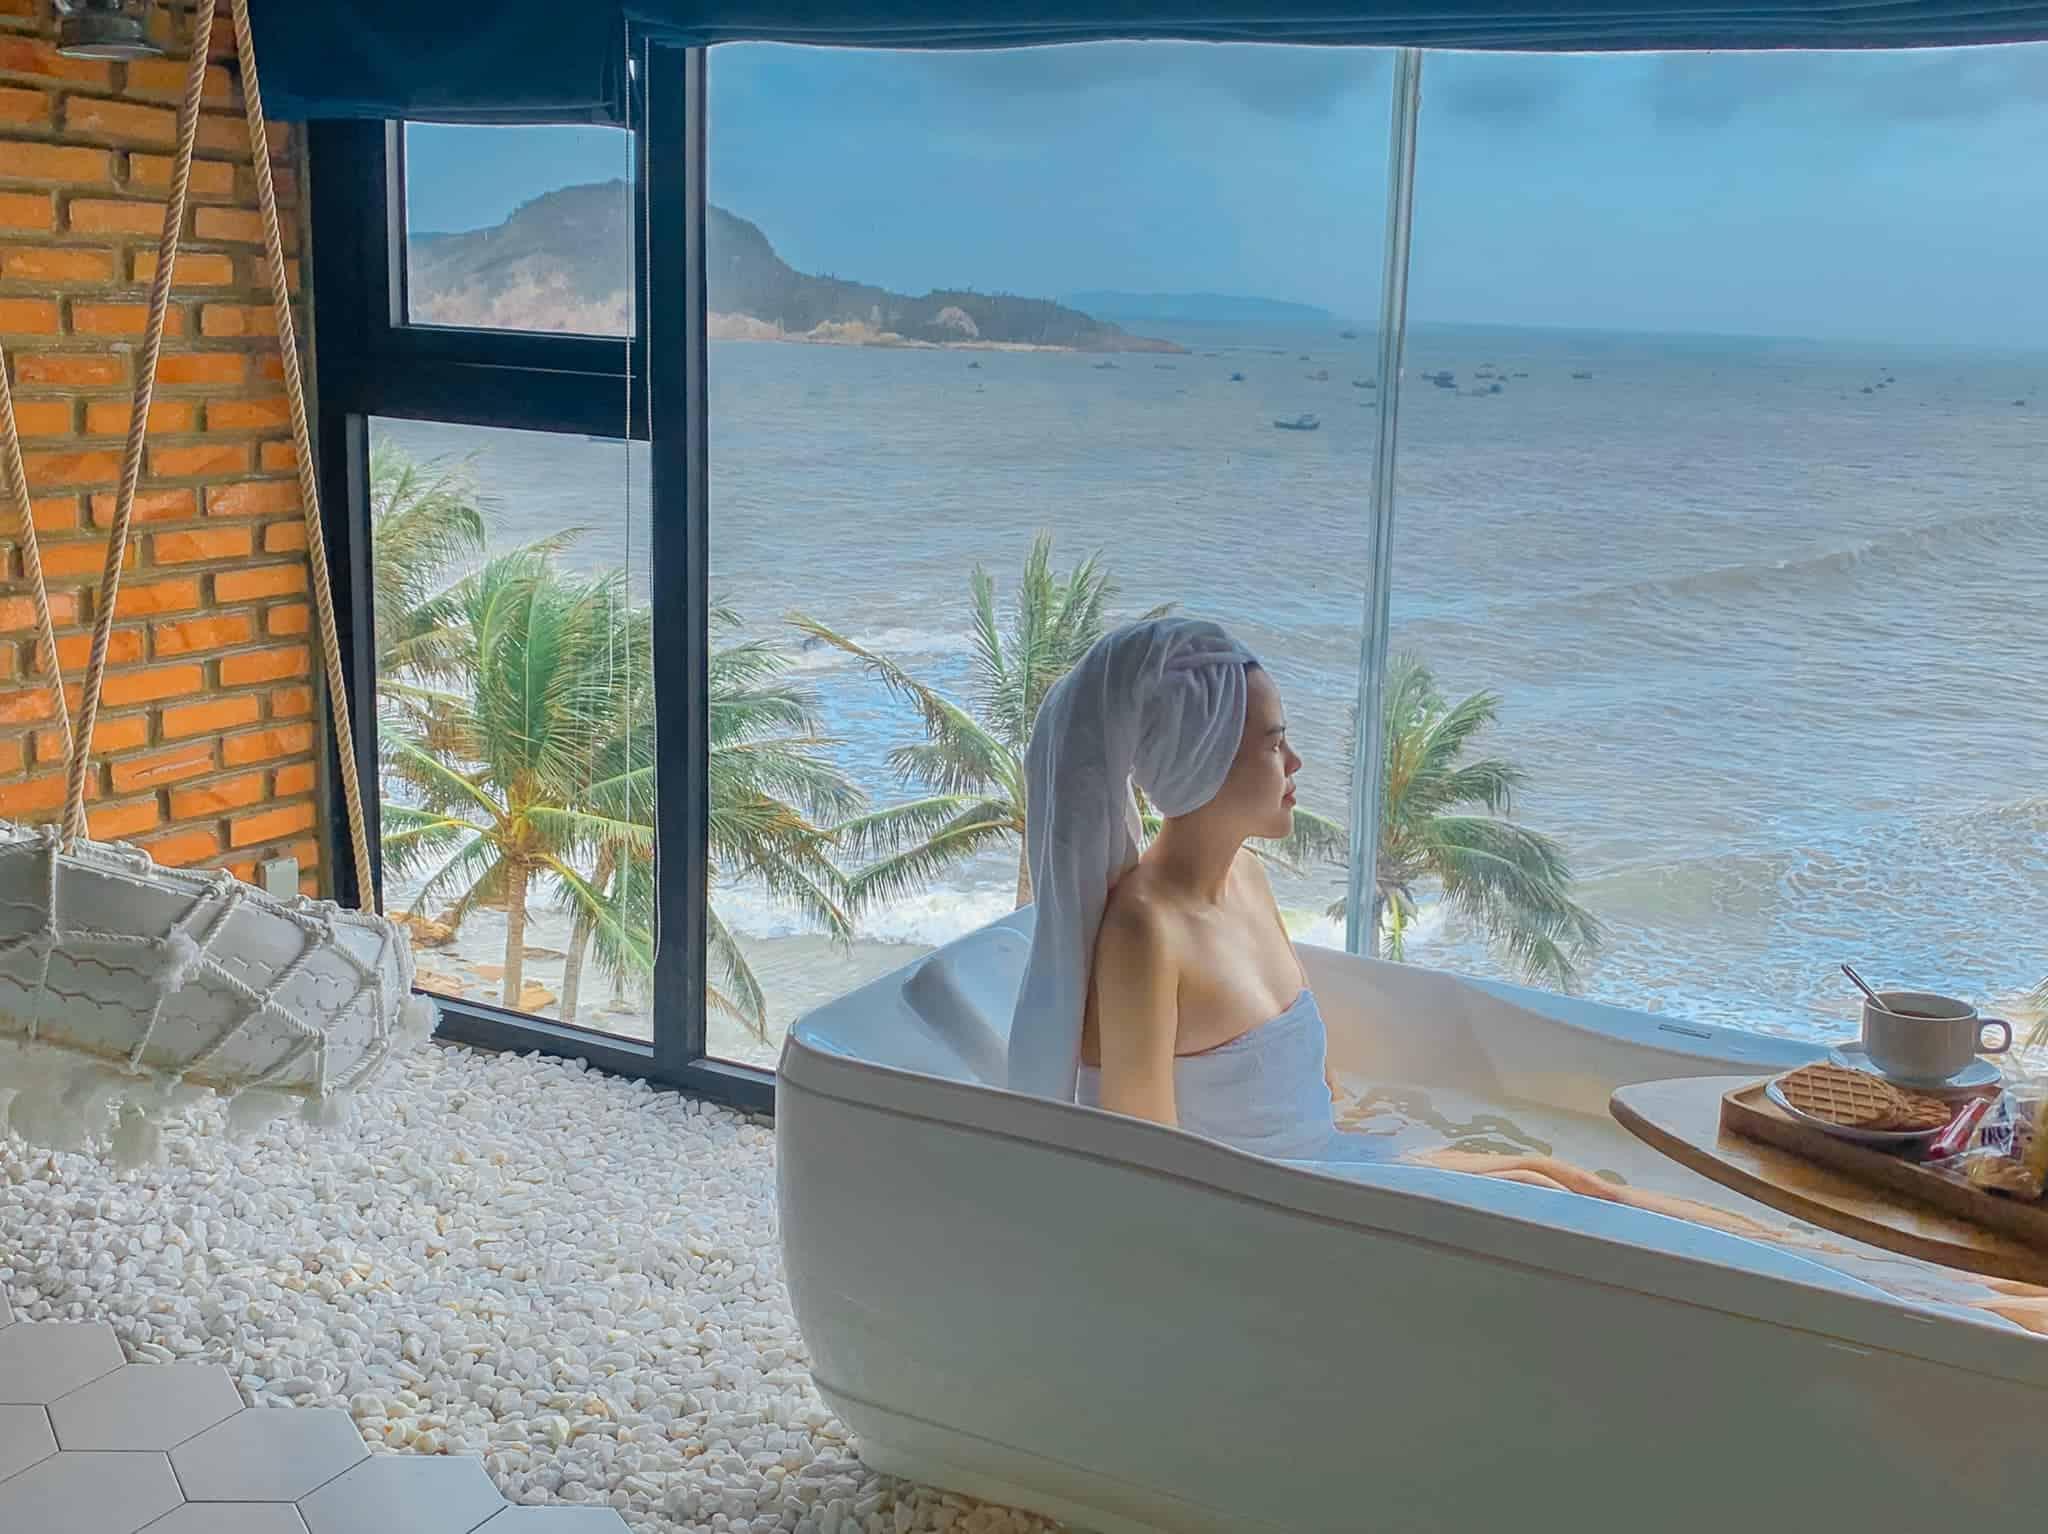 Bồn tắm view biển. Hình: Sưu tầm